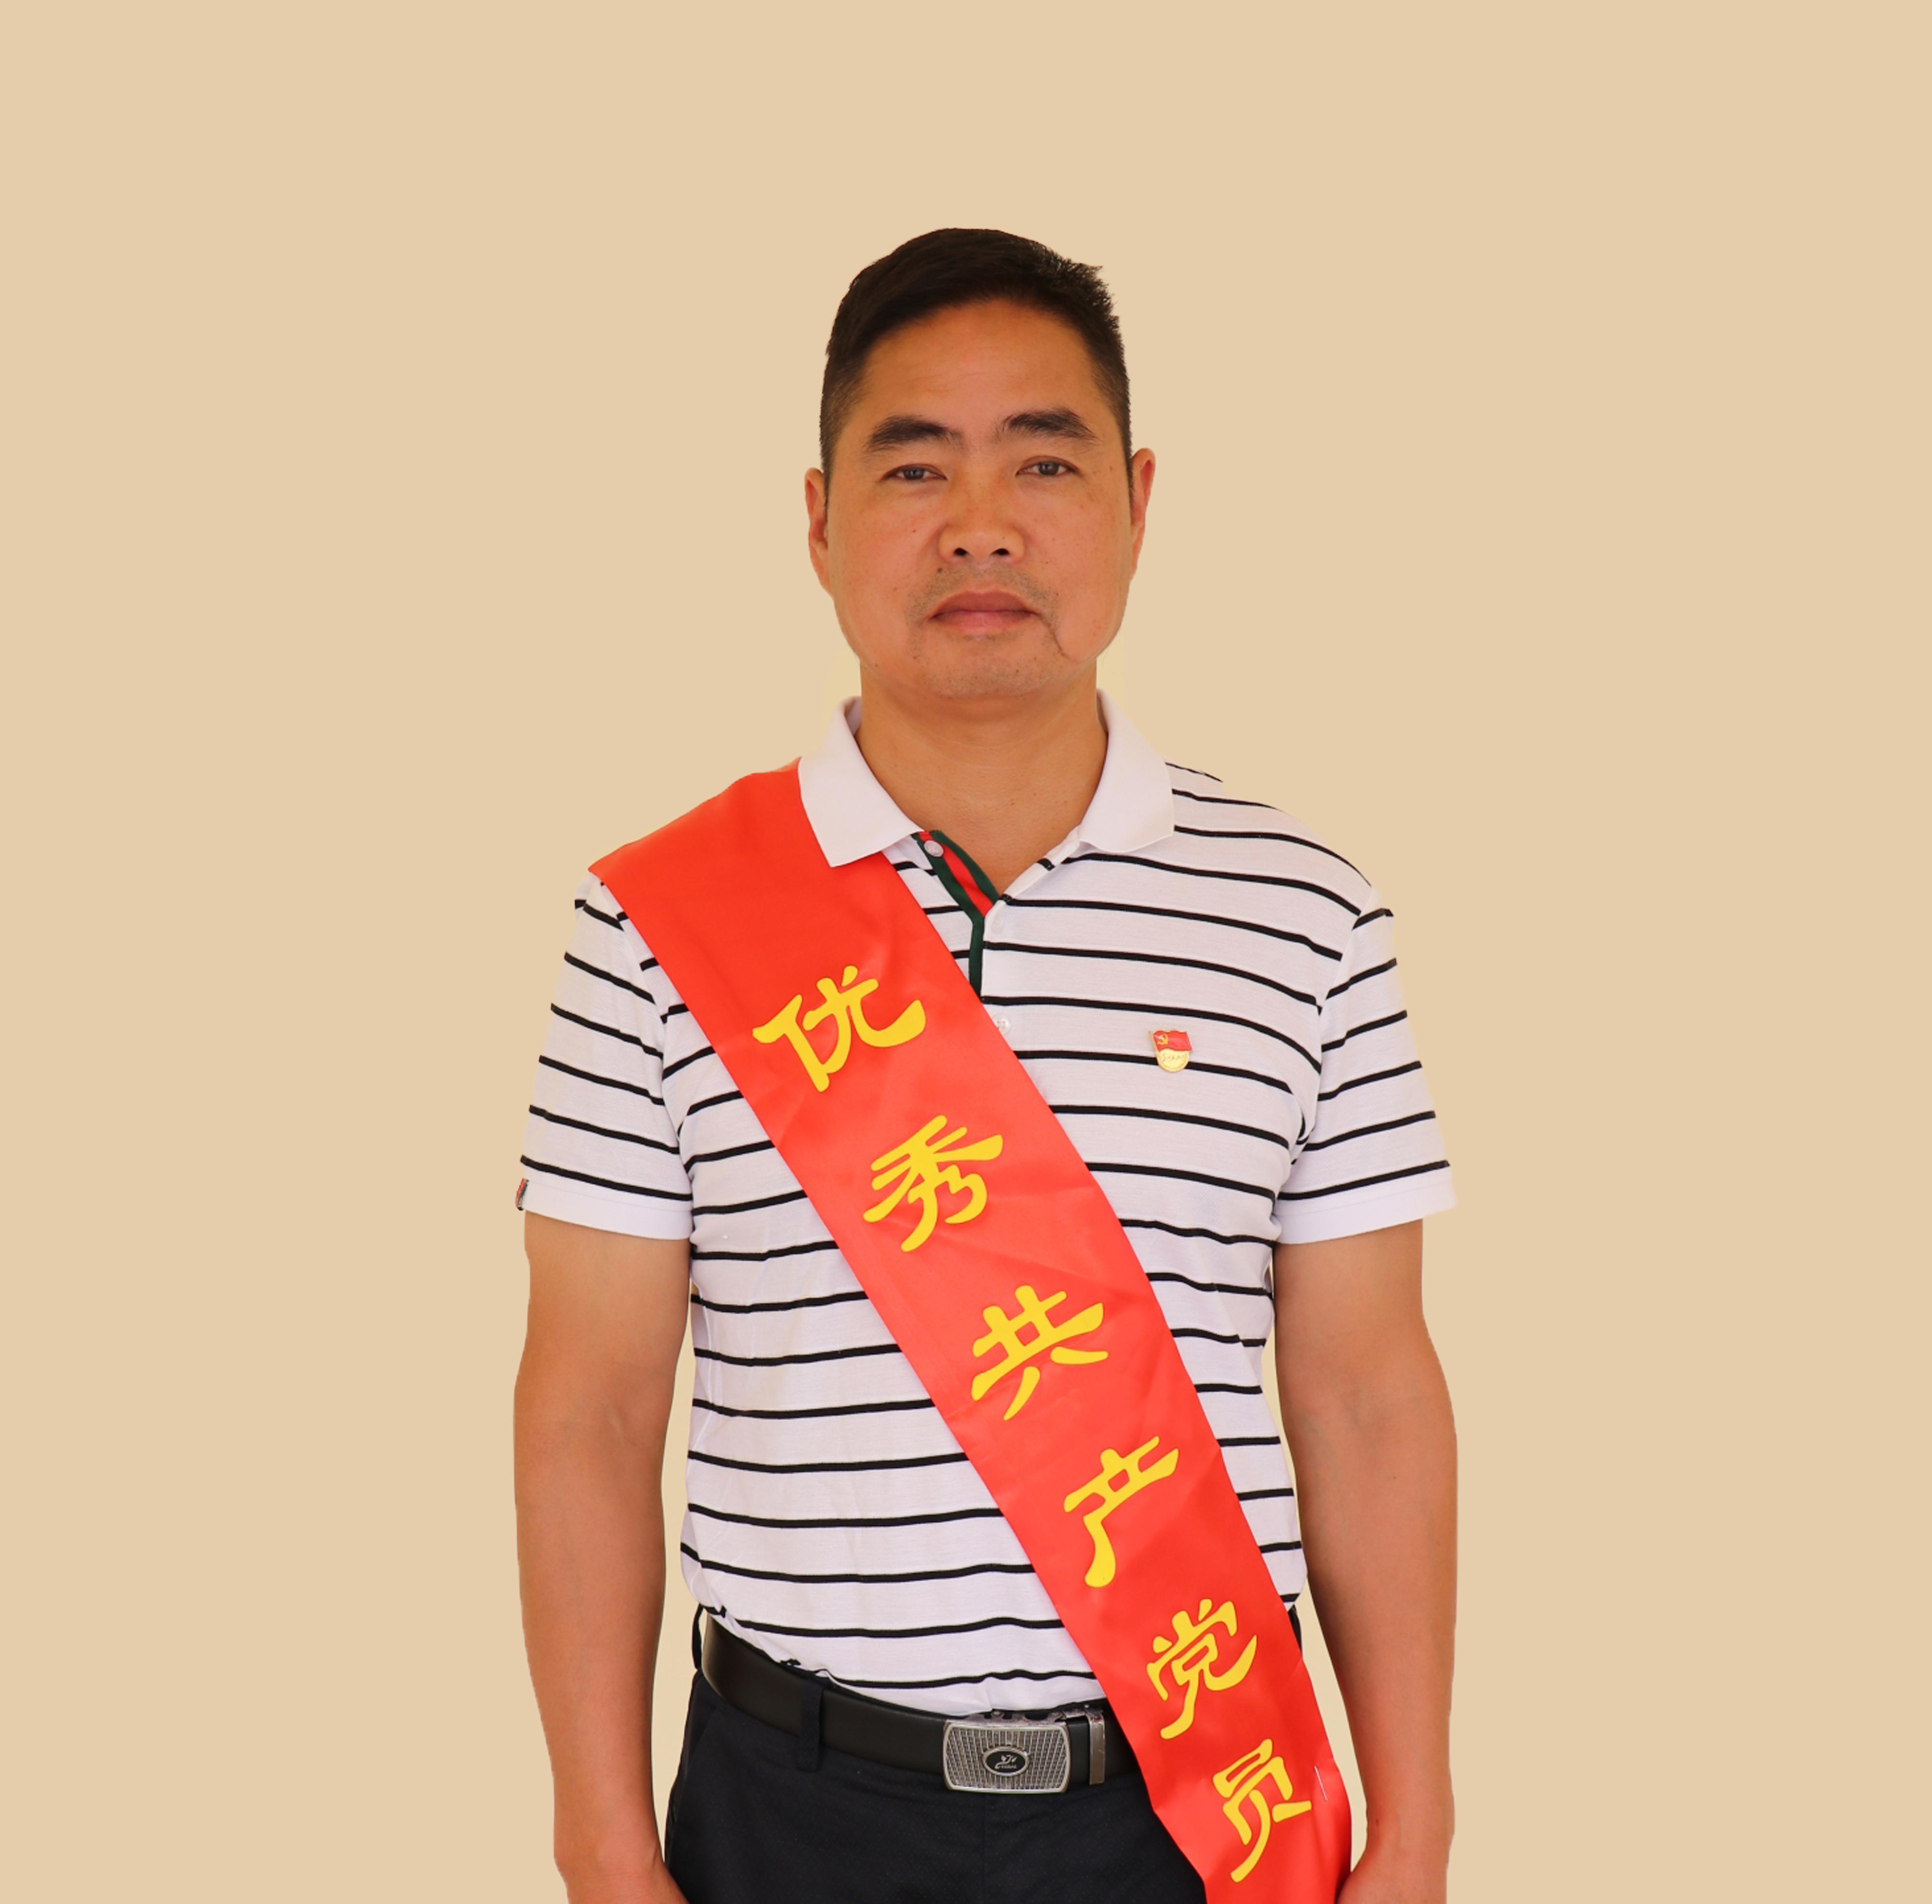 优秀共产党员     许云忠